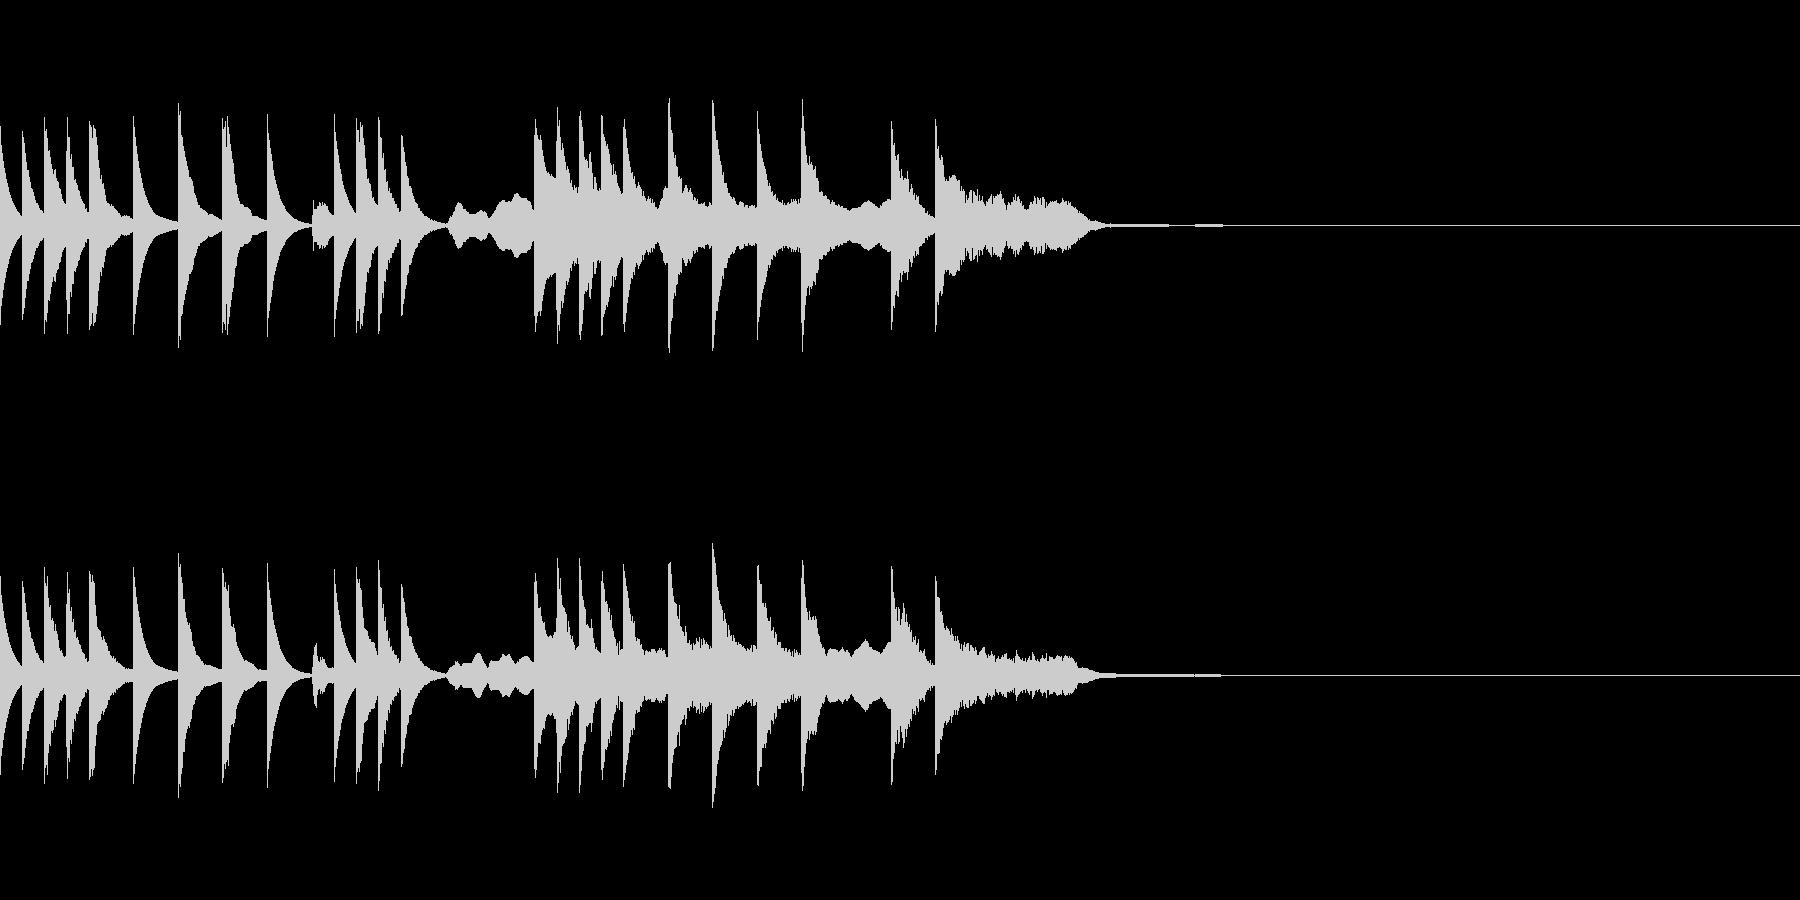 ふわふわとしたメルヘンチックなジングルの未再生の波形